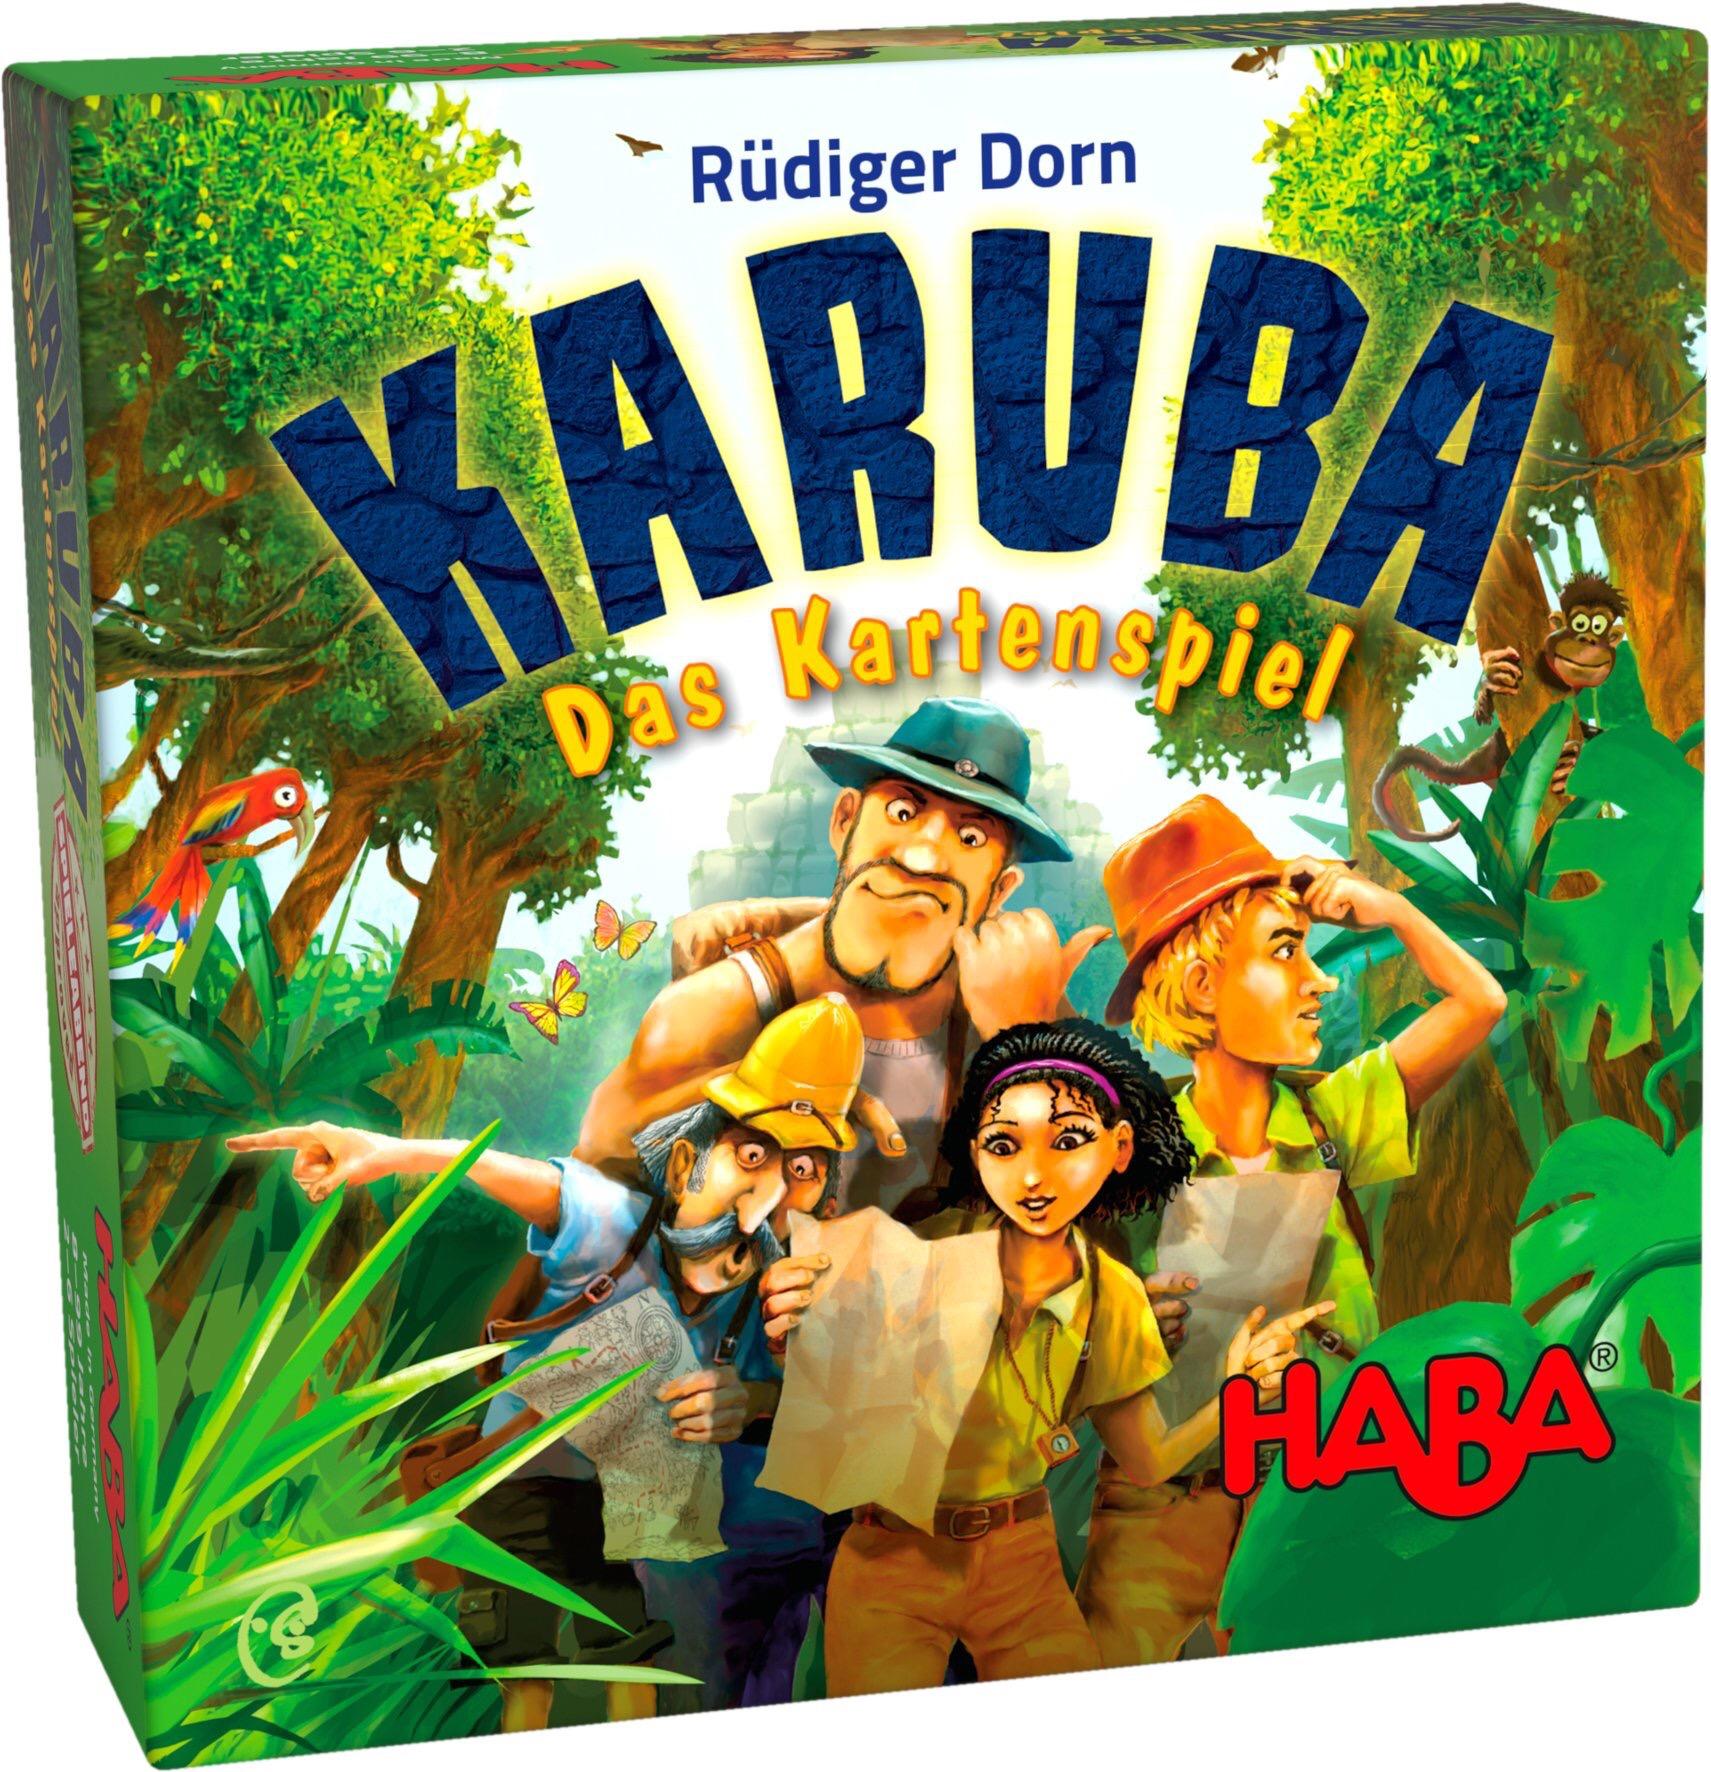 Packung des Karuba Kartenspiels von HABA